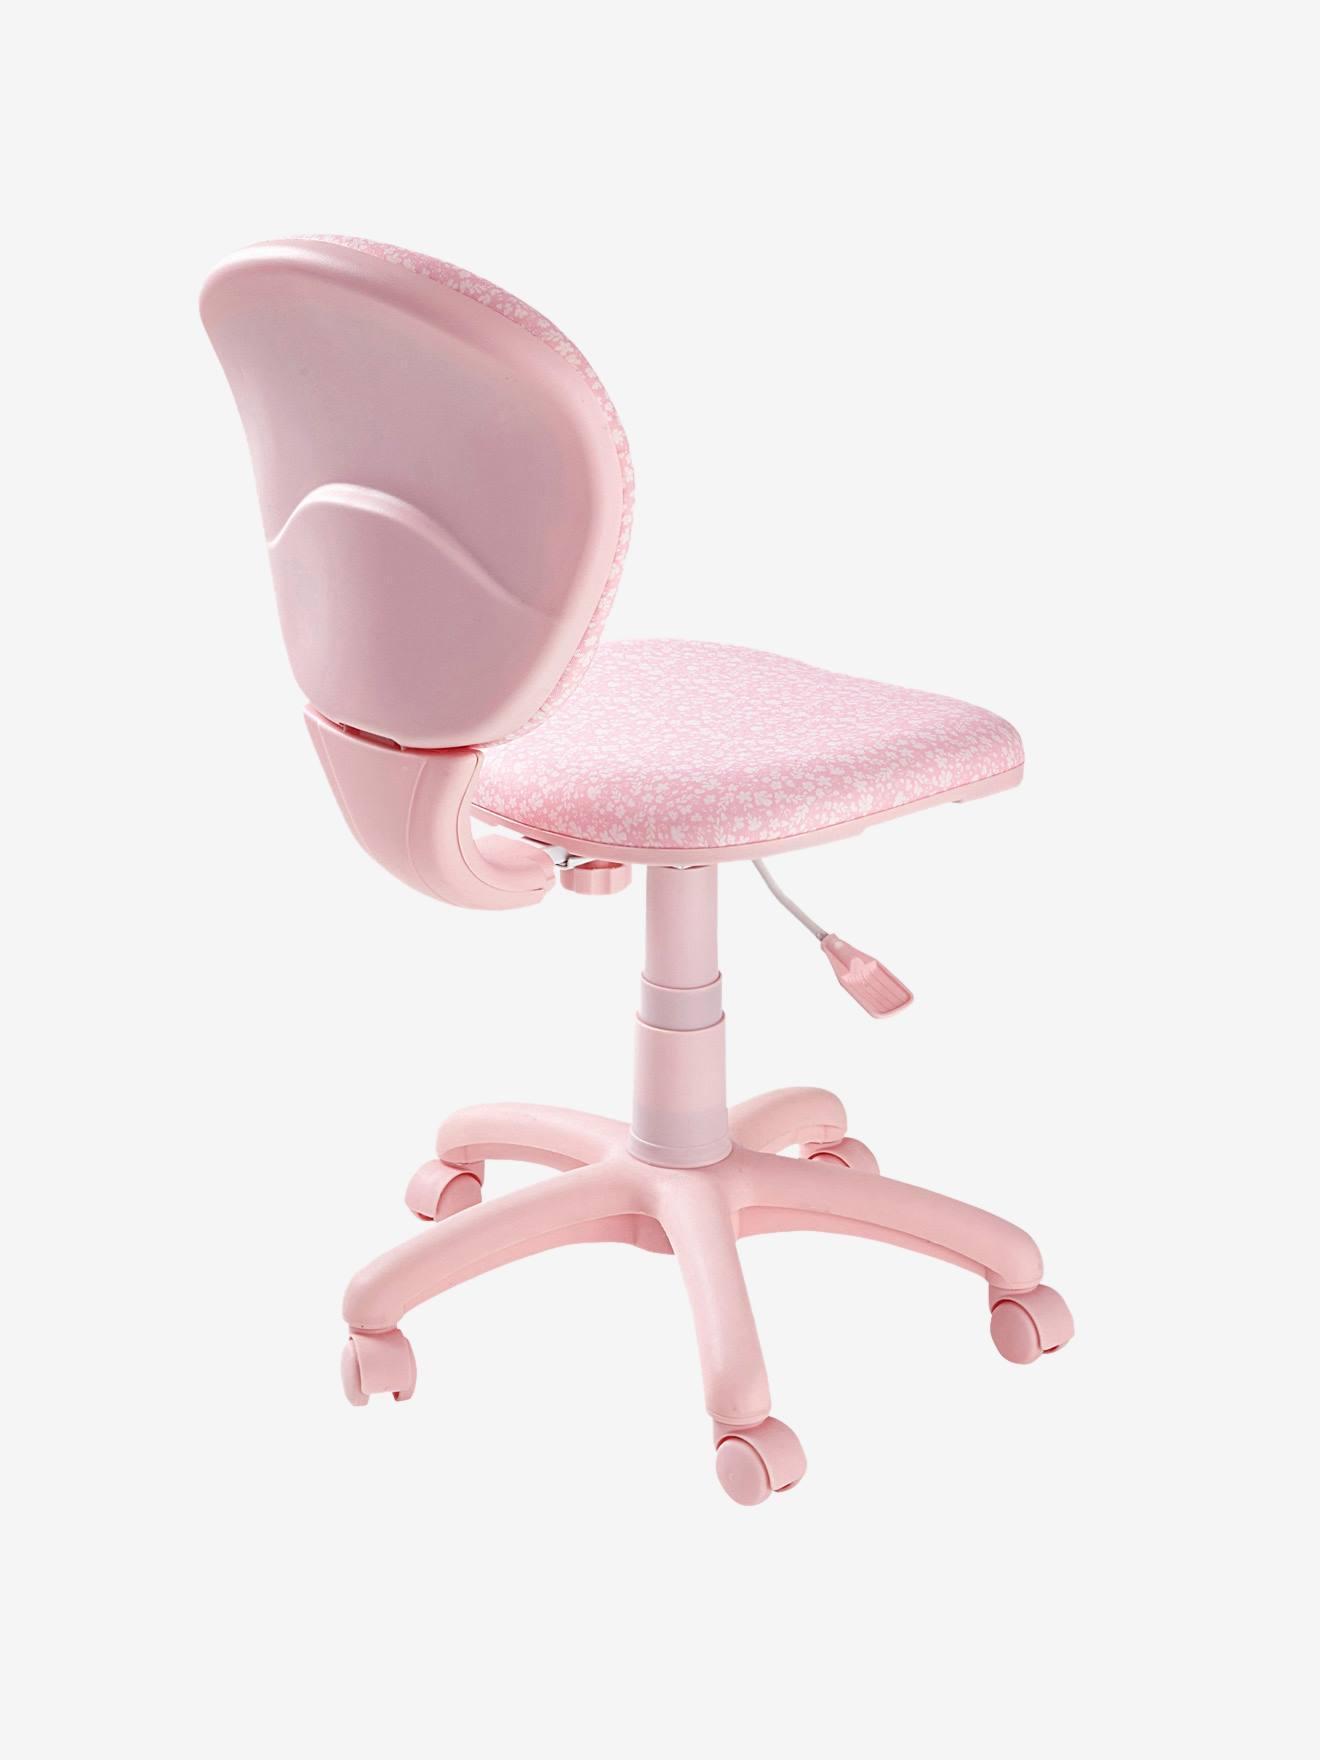 chaise de bureau a roulettes rose fleurs